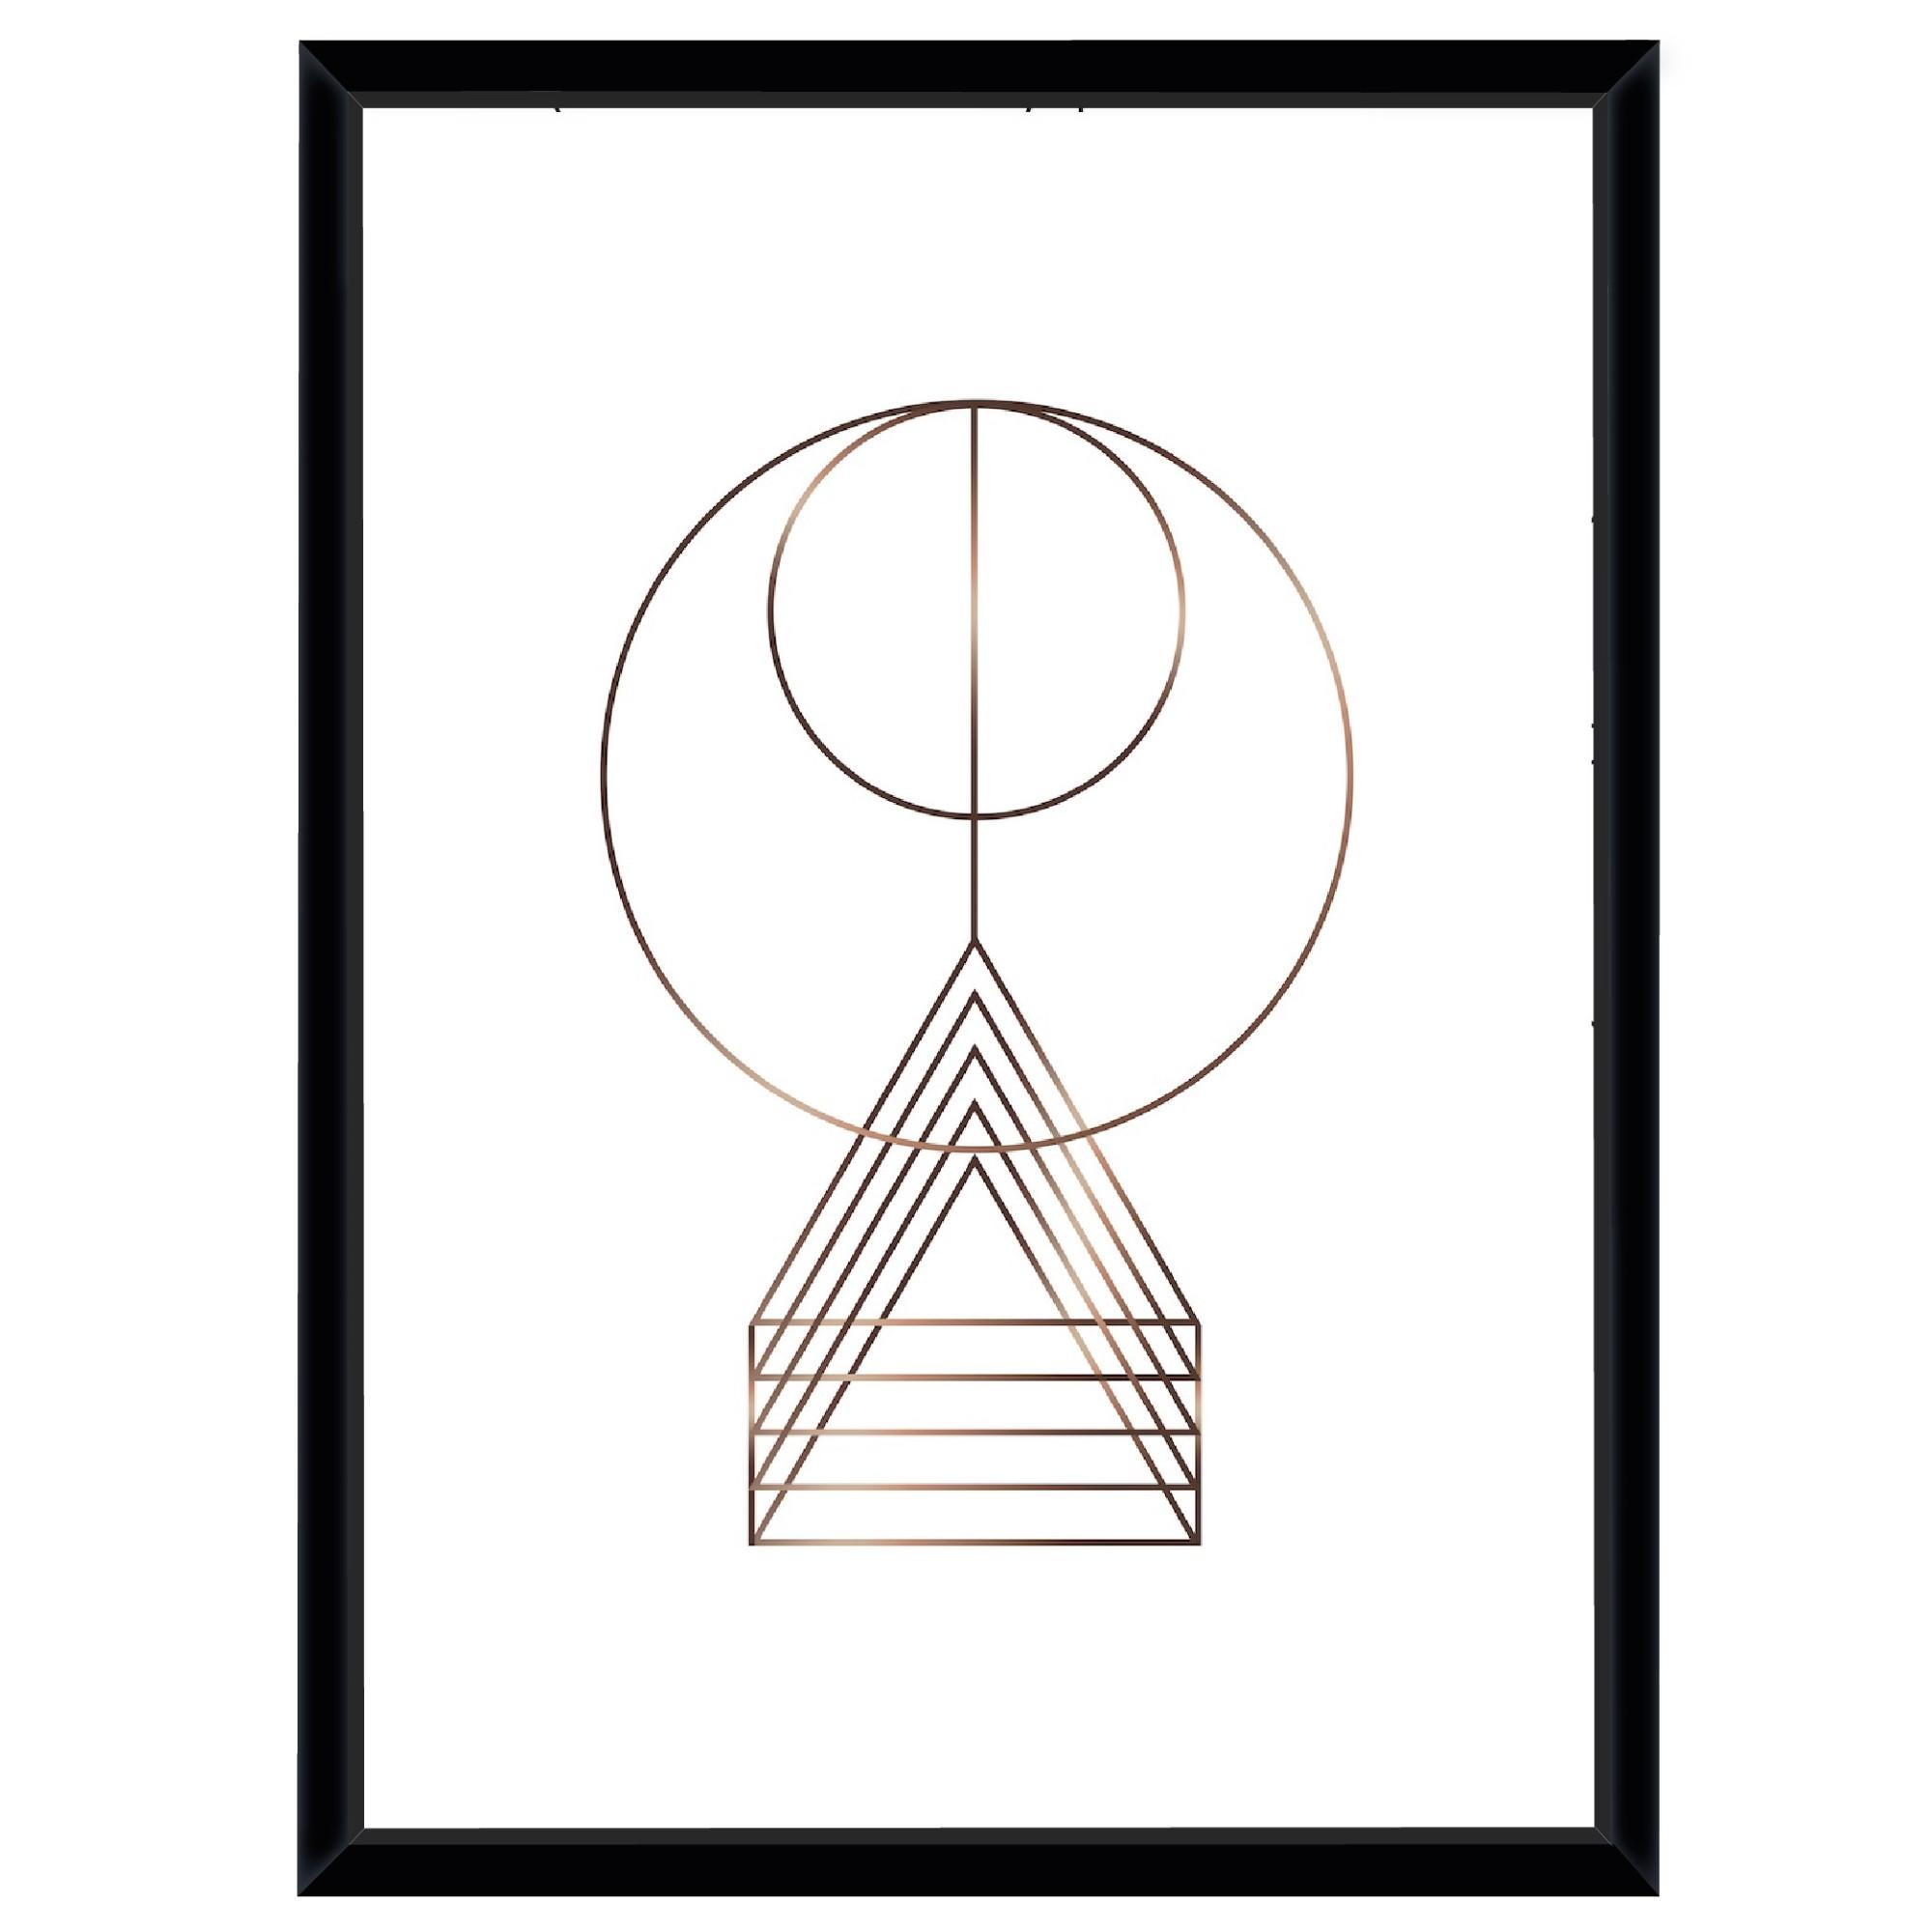 Quadro Decorativo 73x53 cm Geometrico Preto 541076 - Euroquadros